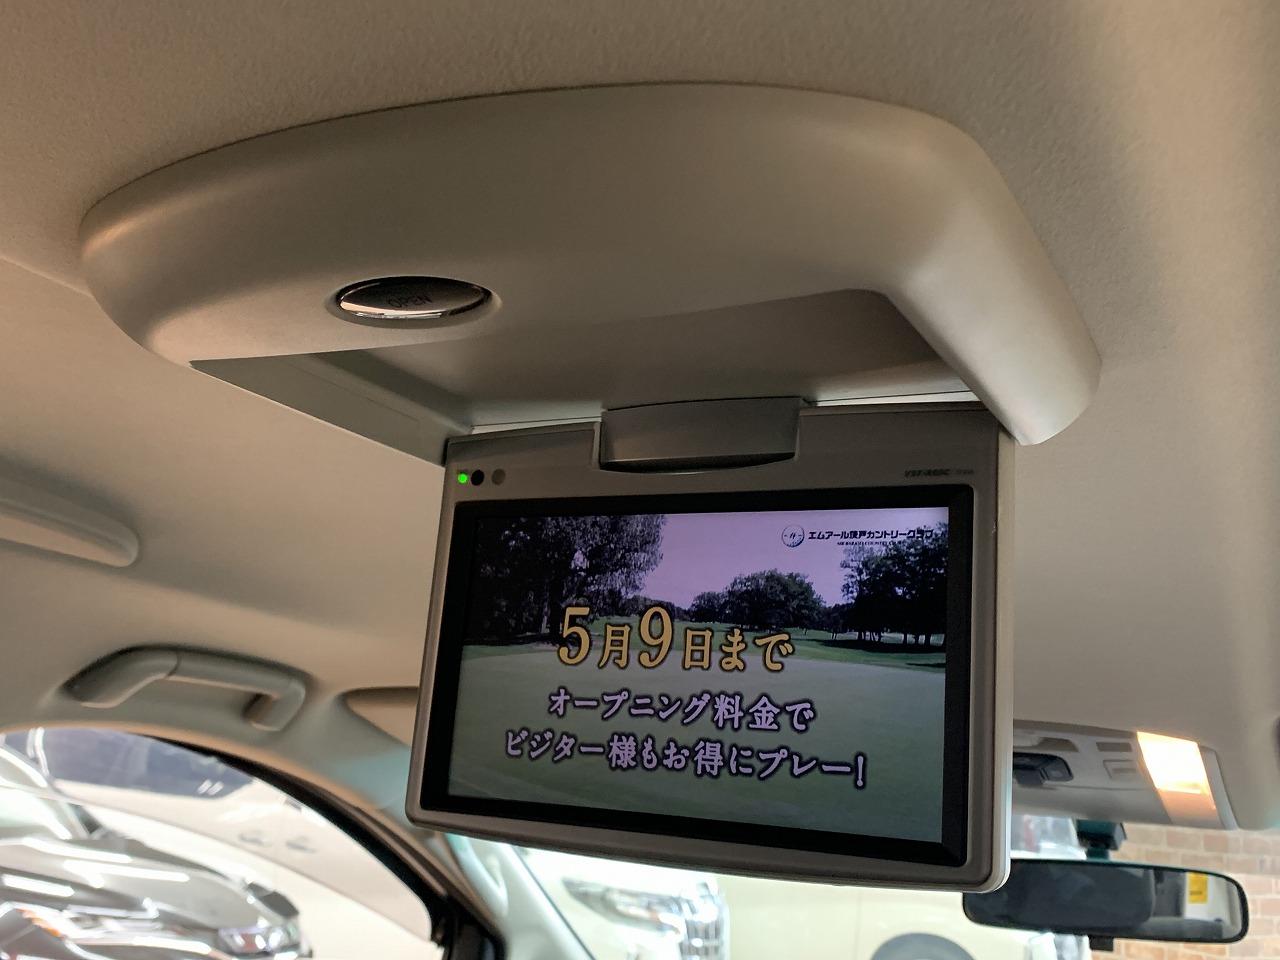 後席モニターで後ろに乗っているメンバーもテレビが見れます